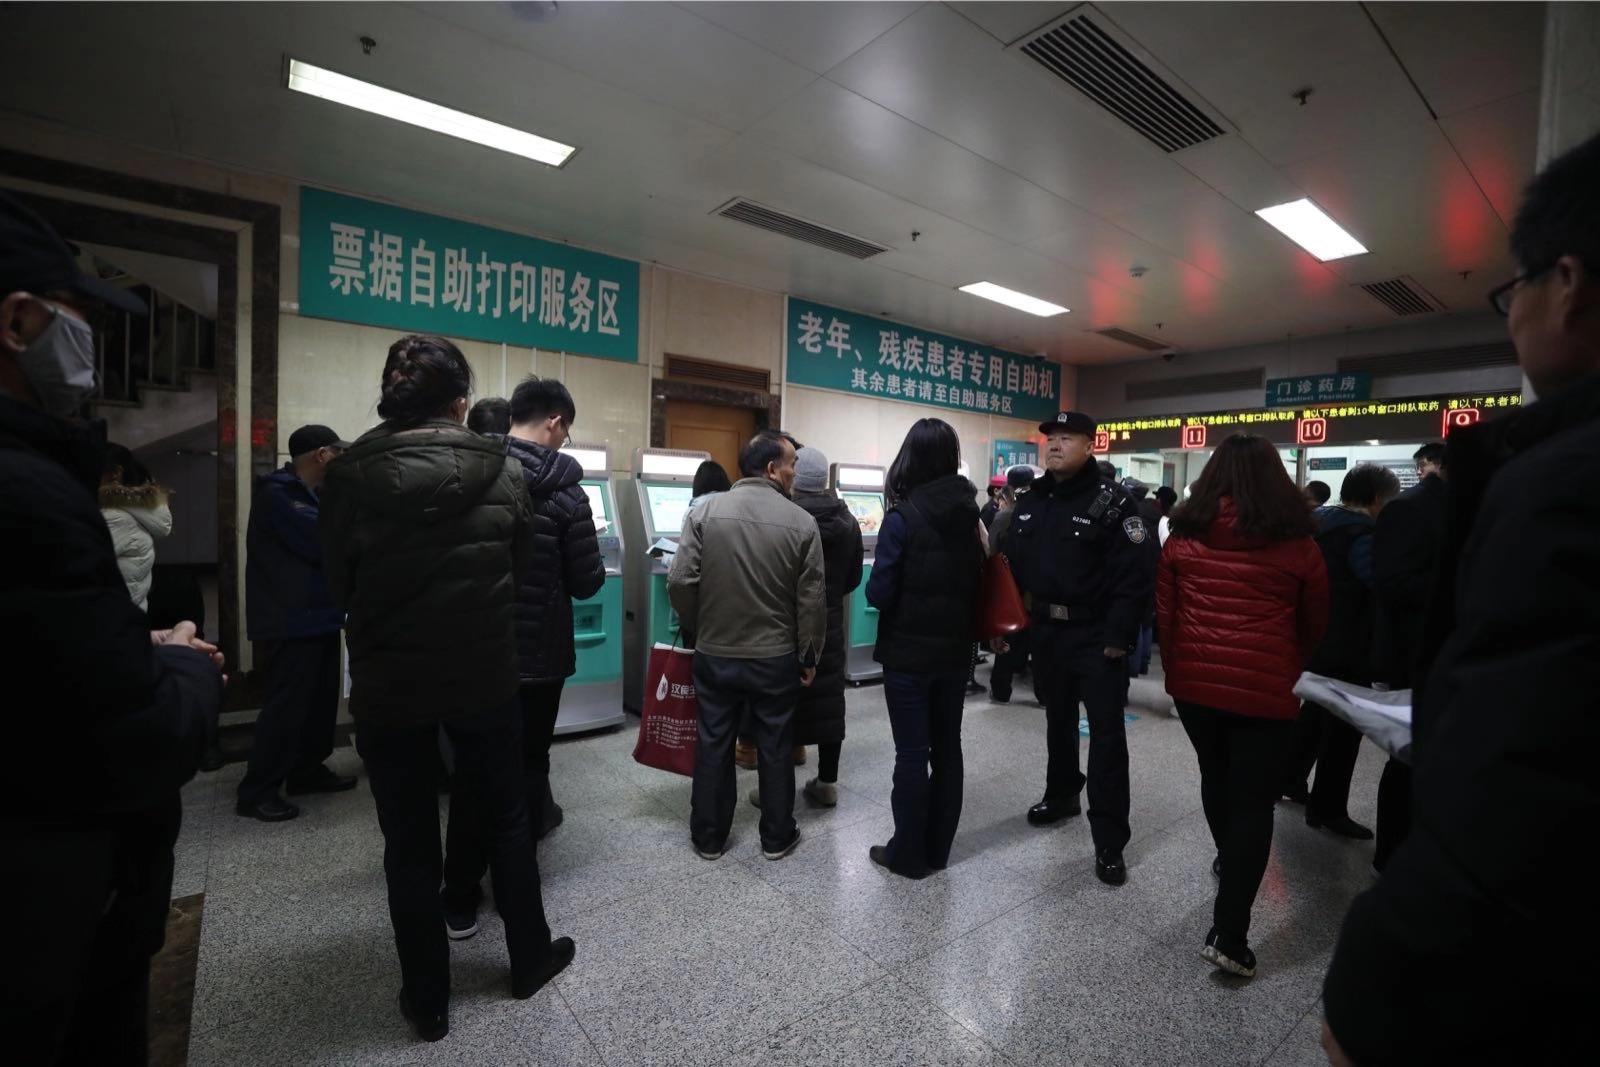 民警在同仁医院内巡视。新京报记者 王飞 摄